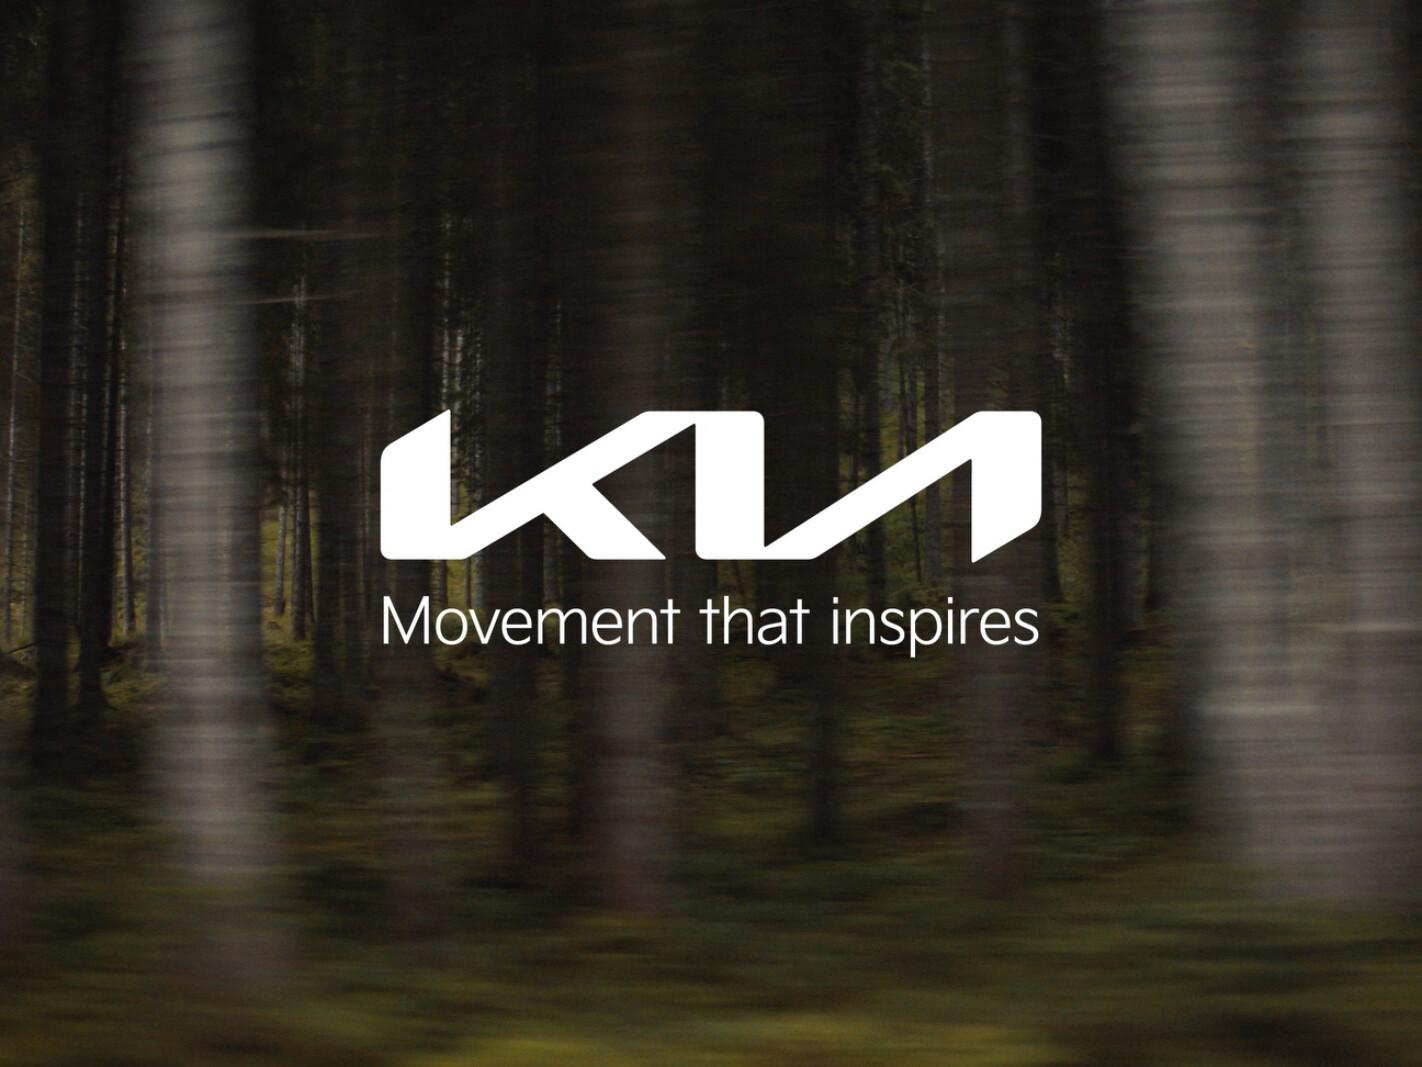 Kia rebranded identity 2021